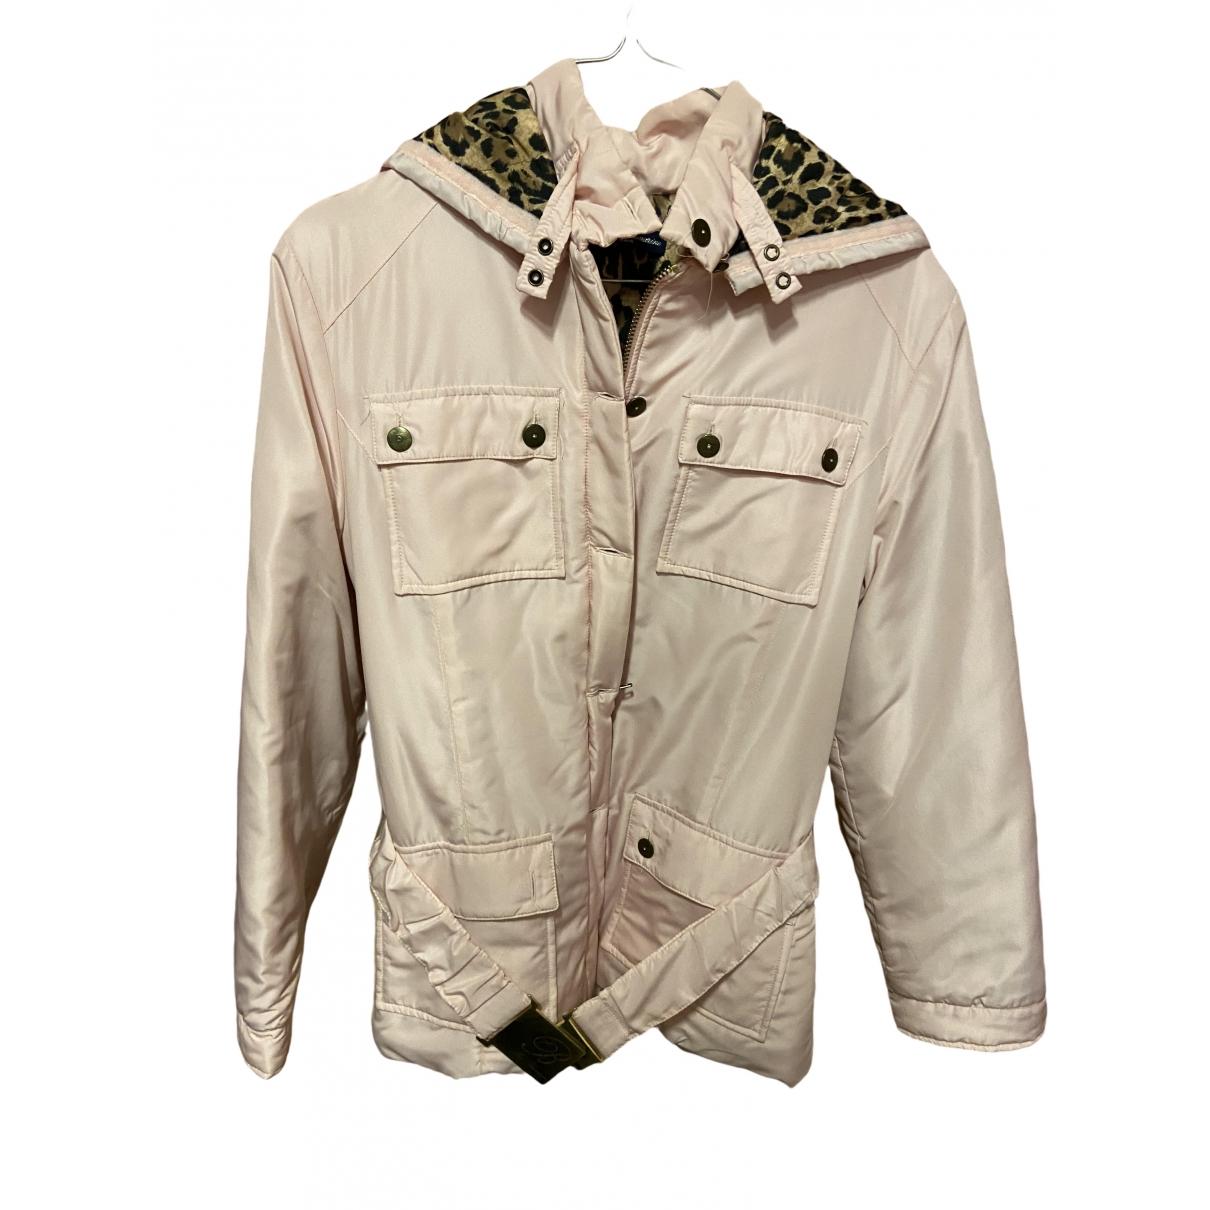 Blumarine \N Pink jacket & coat for Kids 14 years - S FR